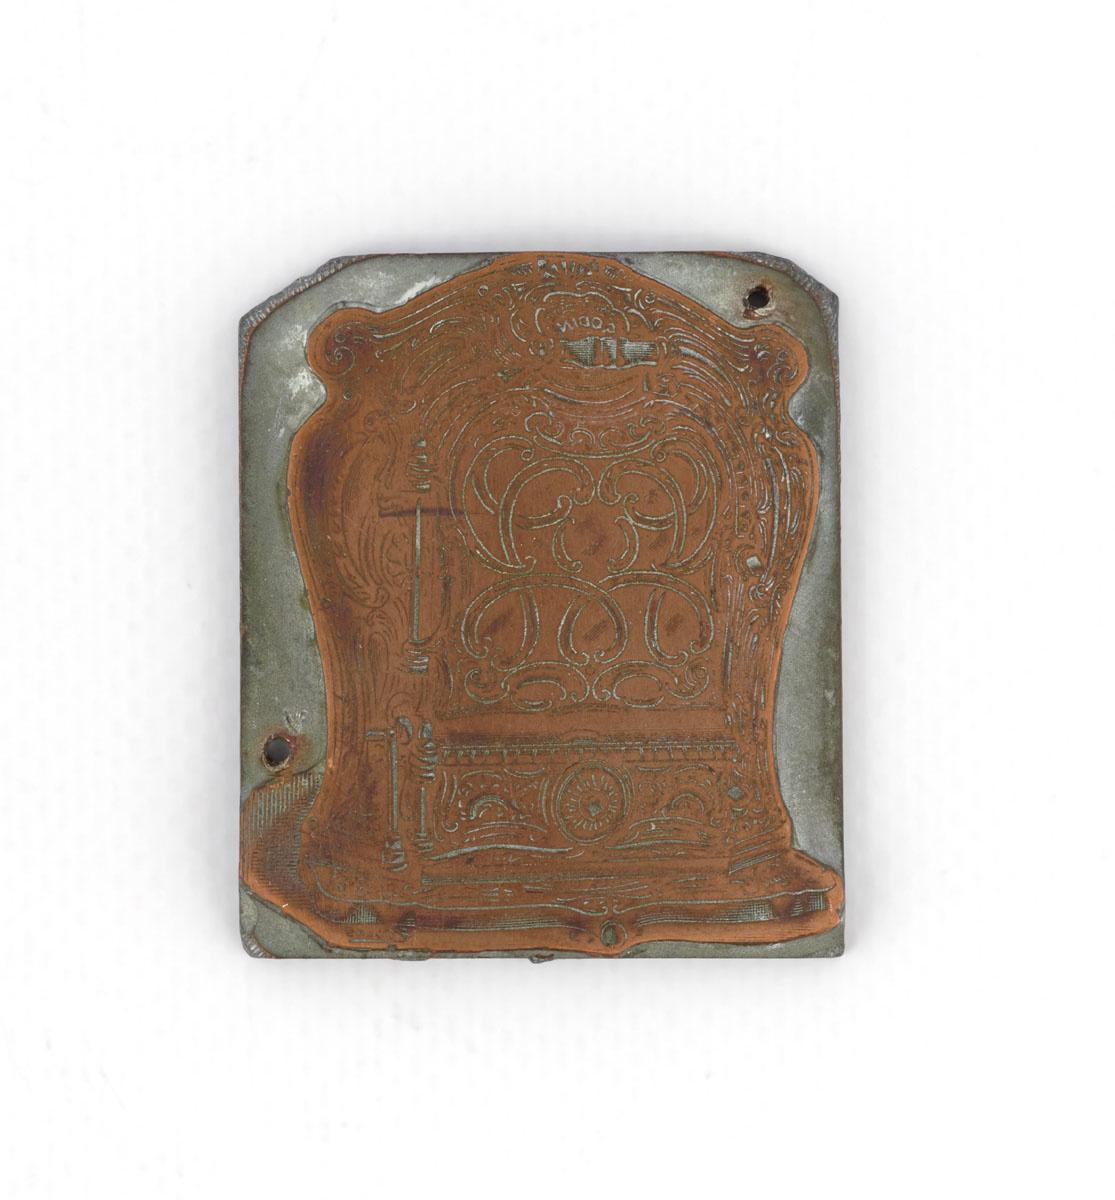 Vue de la gravure sur cuivre figurant le foyer hygiénique n° 334-336, n° 2336.